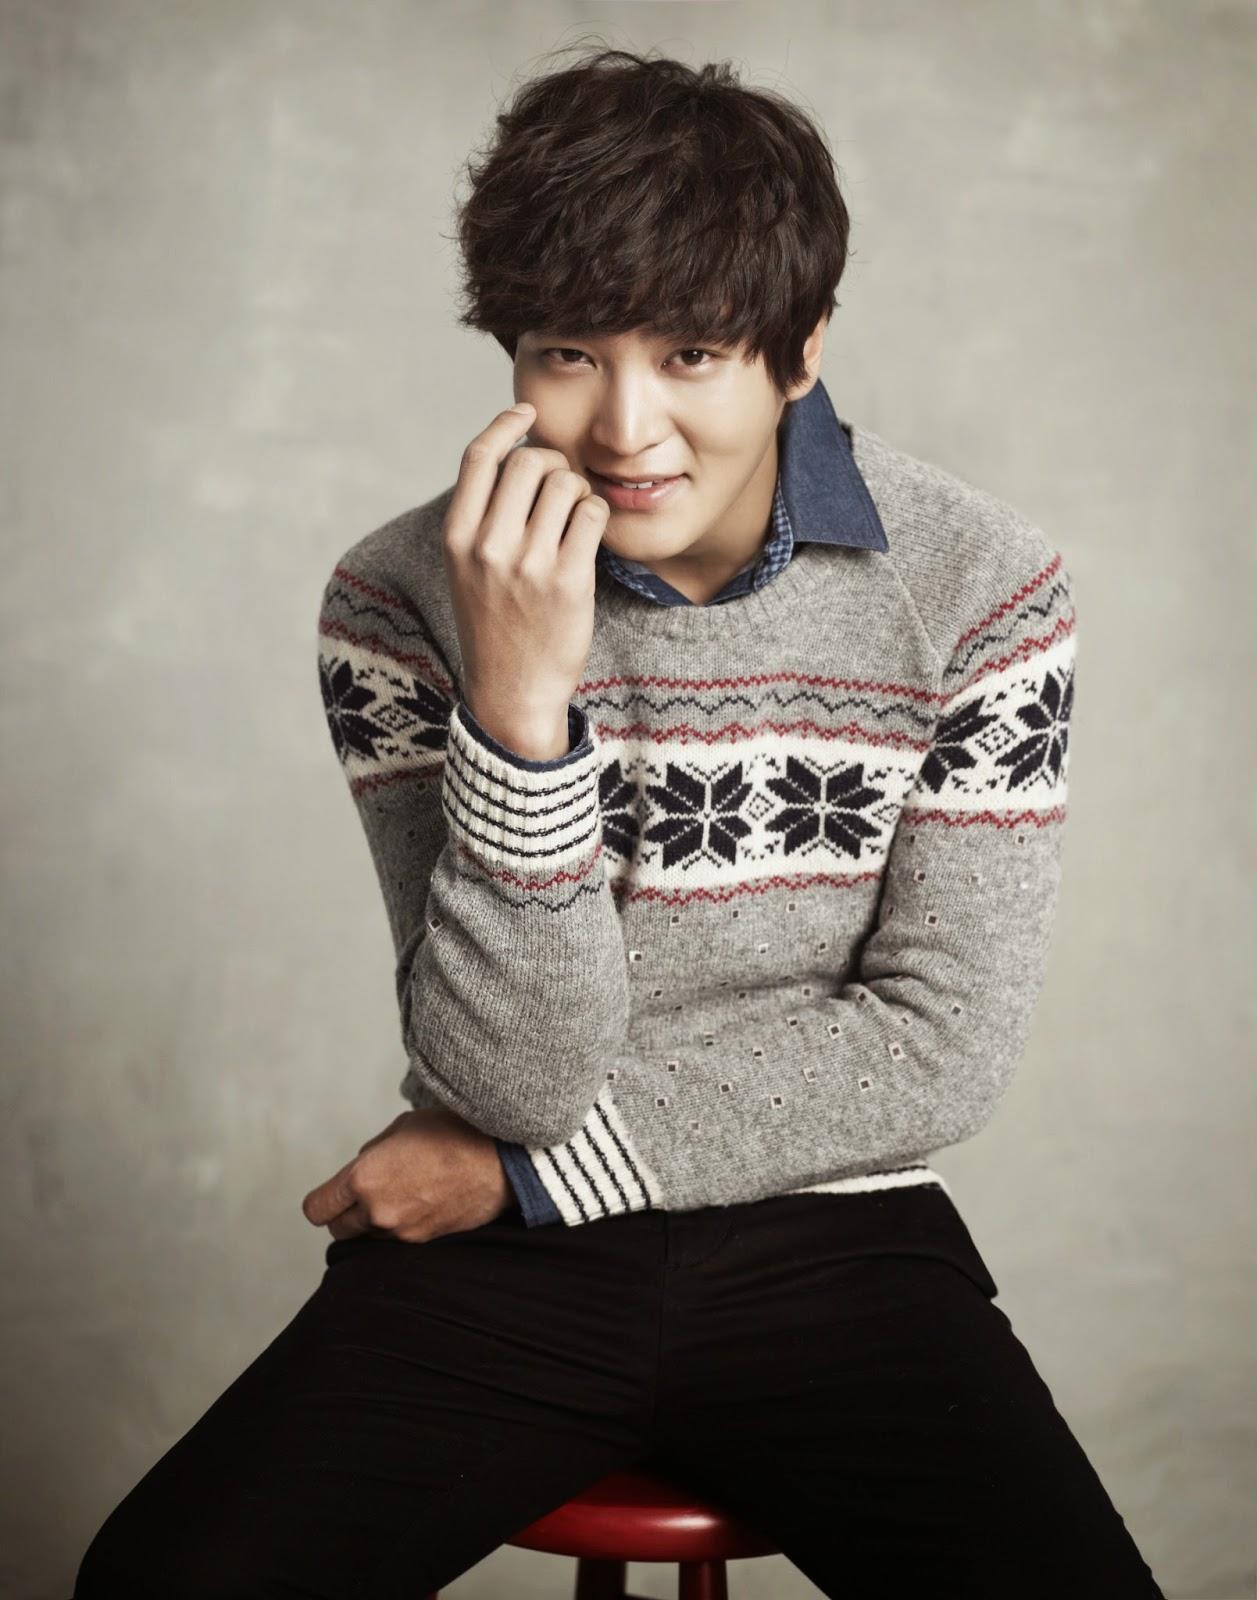 Biodata Lengkap Joo Woon (주원) dan Foto